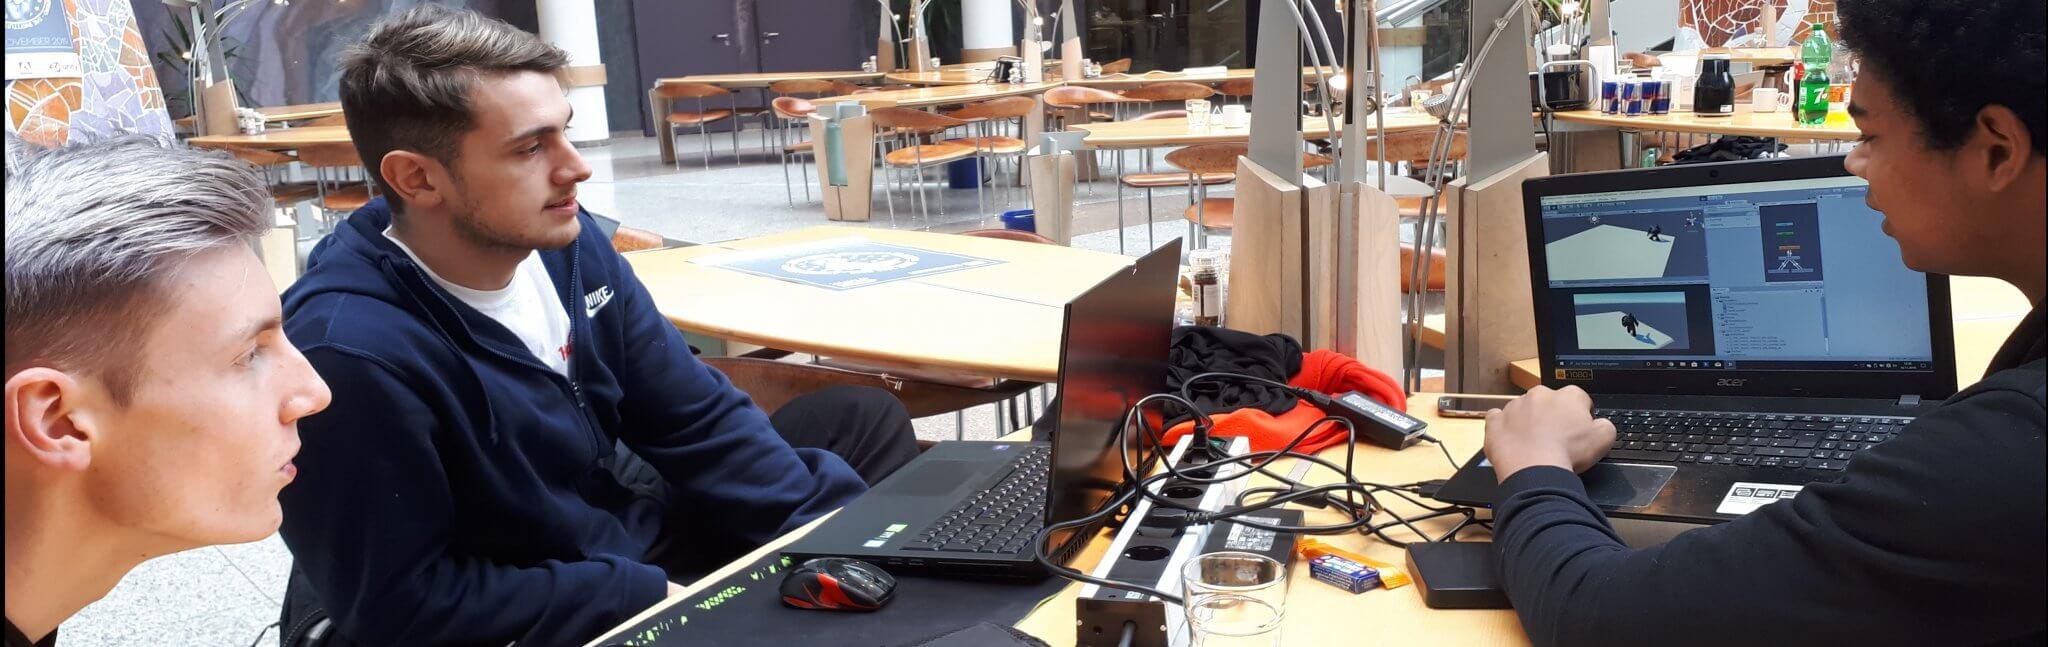 Creative Competiton: Mediencampus SAE Frankfurt zu Gast beim DB Schenker Game Jam